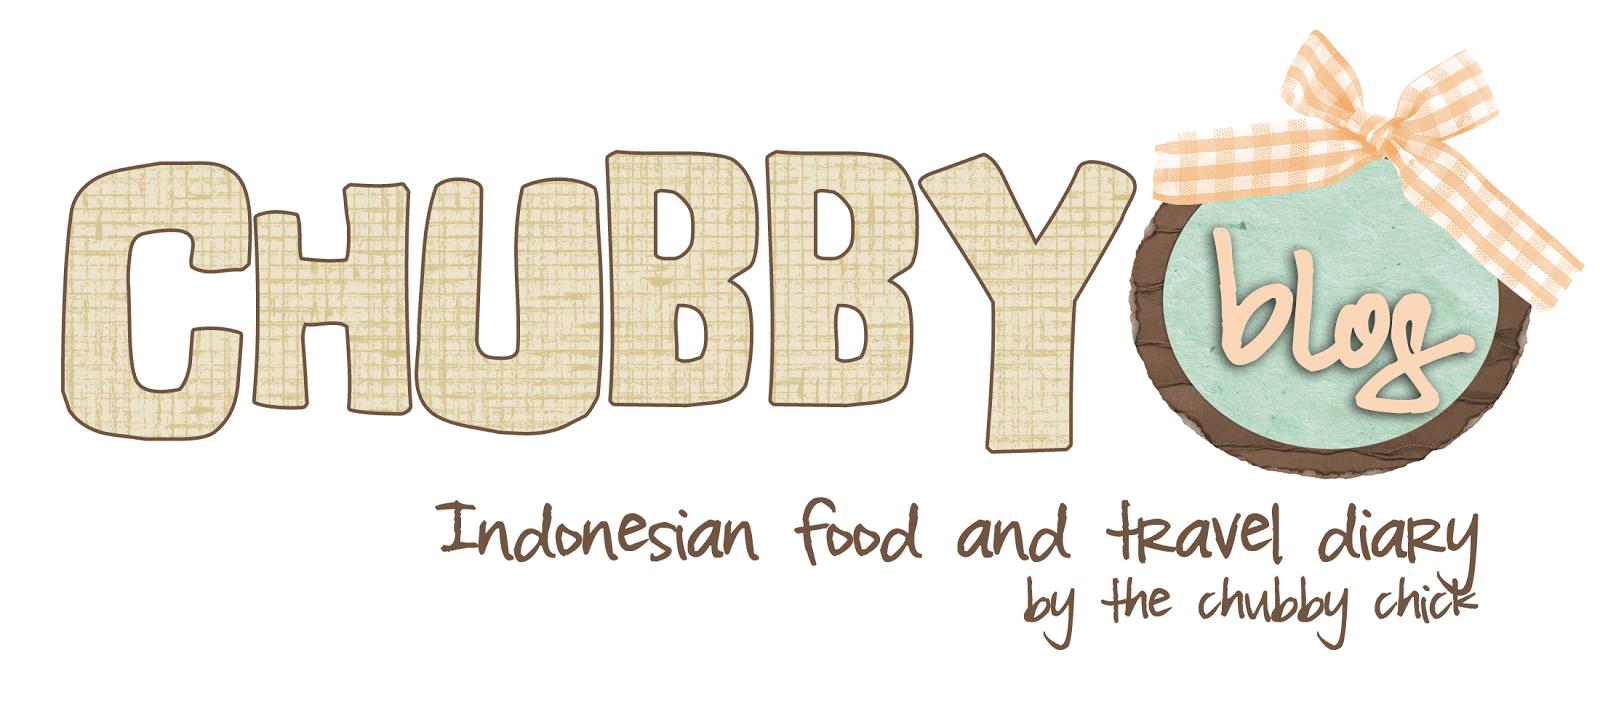 Chubby Blog